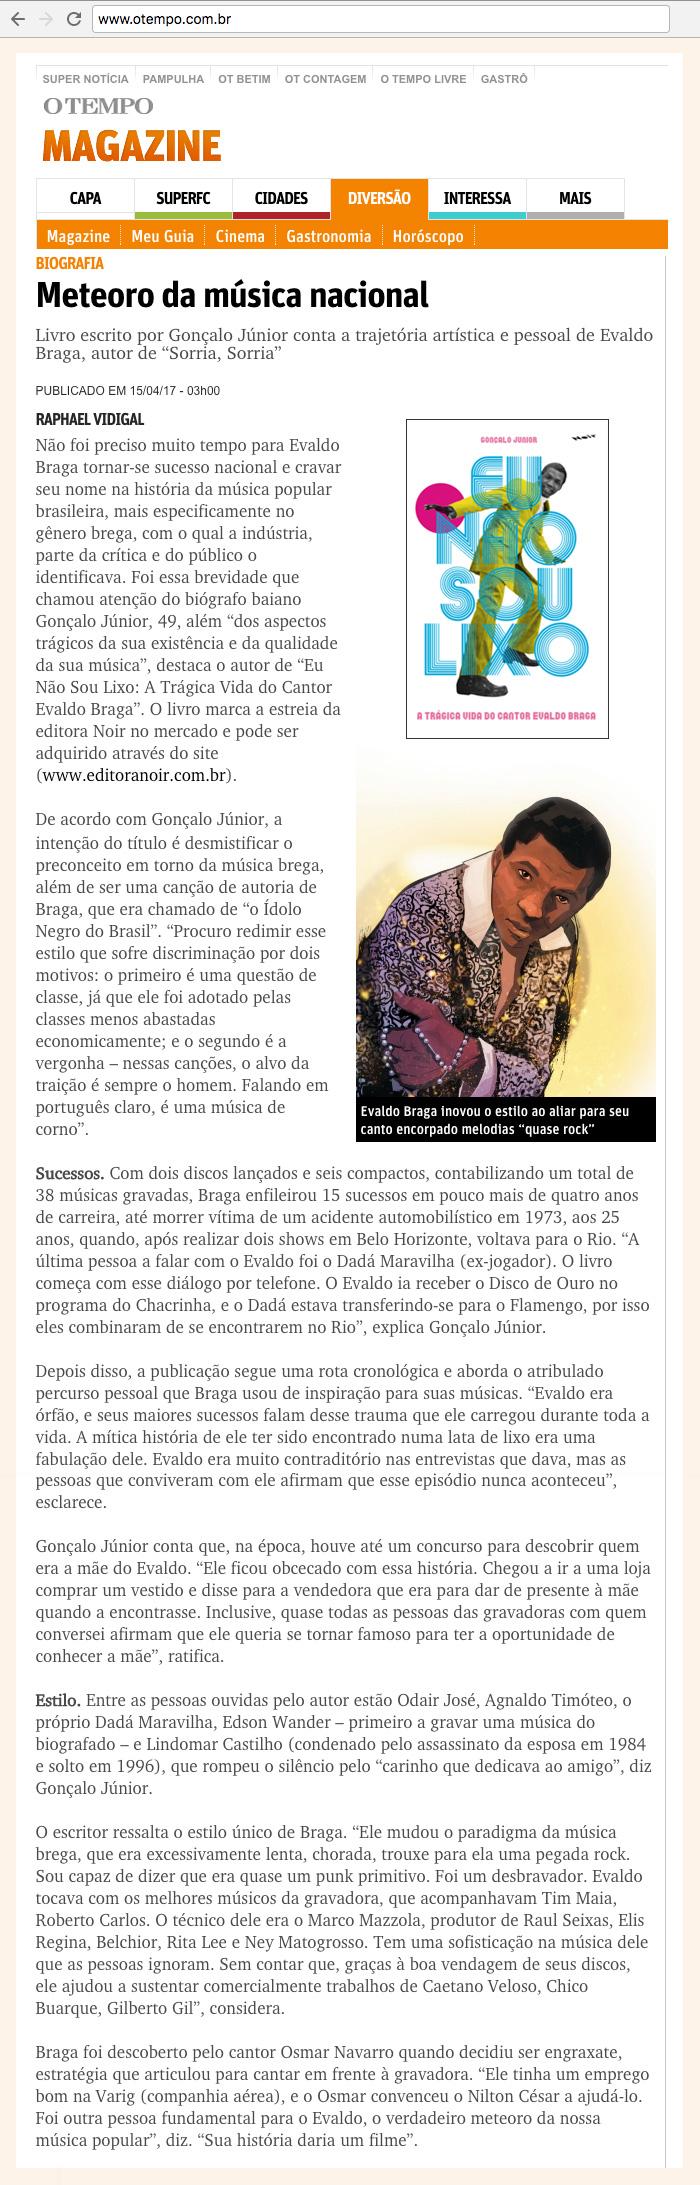 O Tempo  Belo Horizonte – 15/4/2017